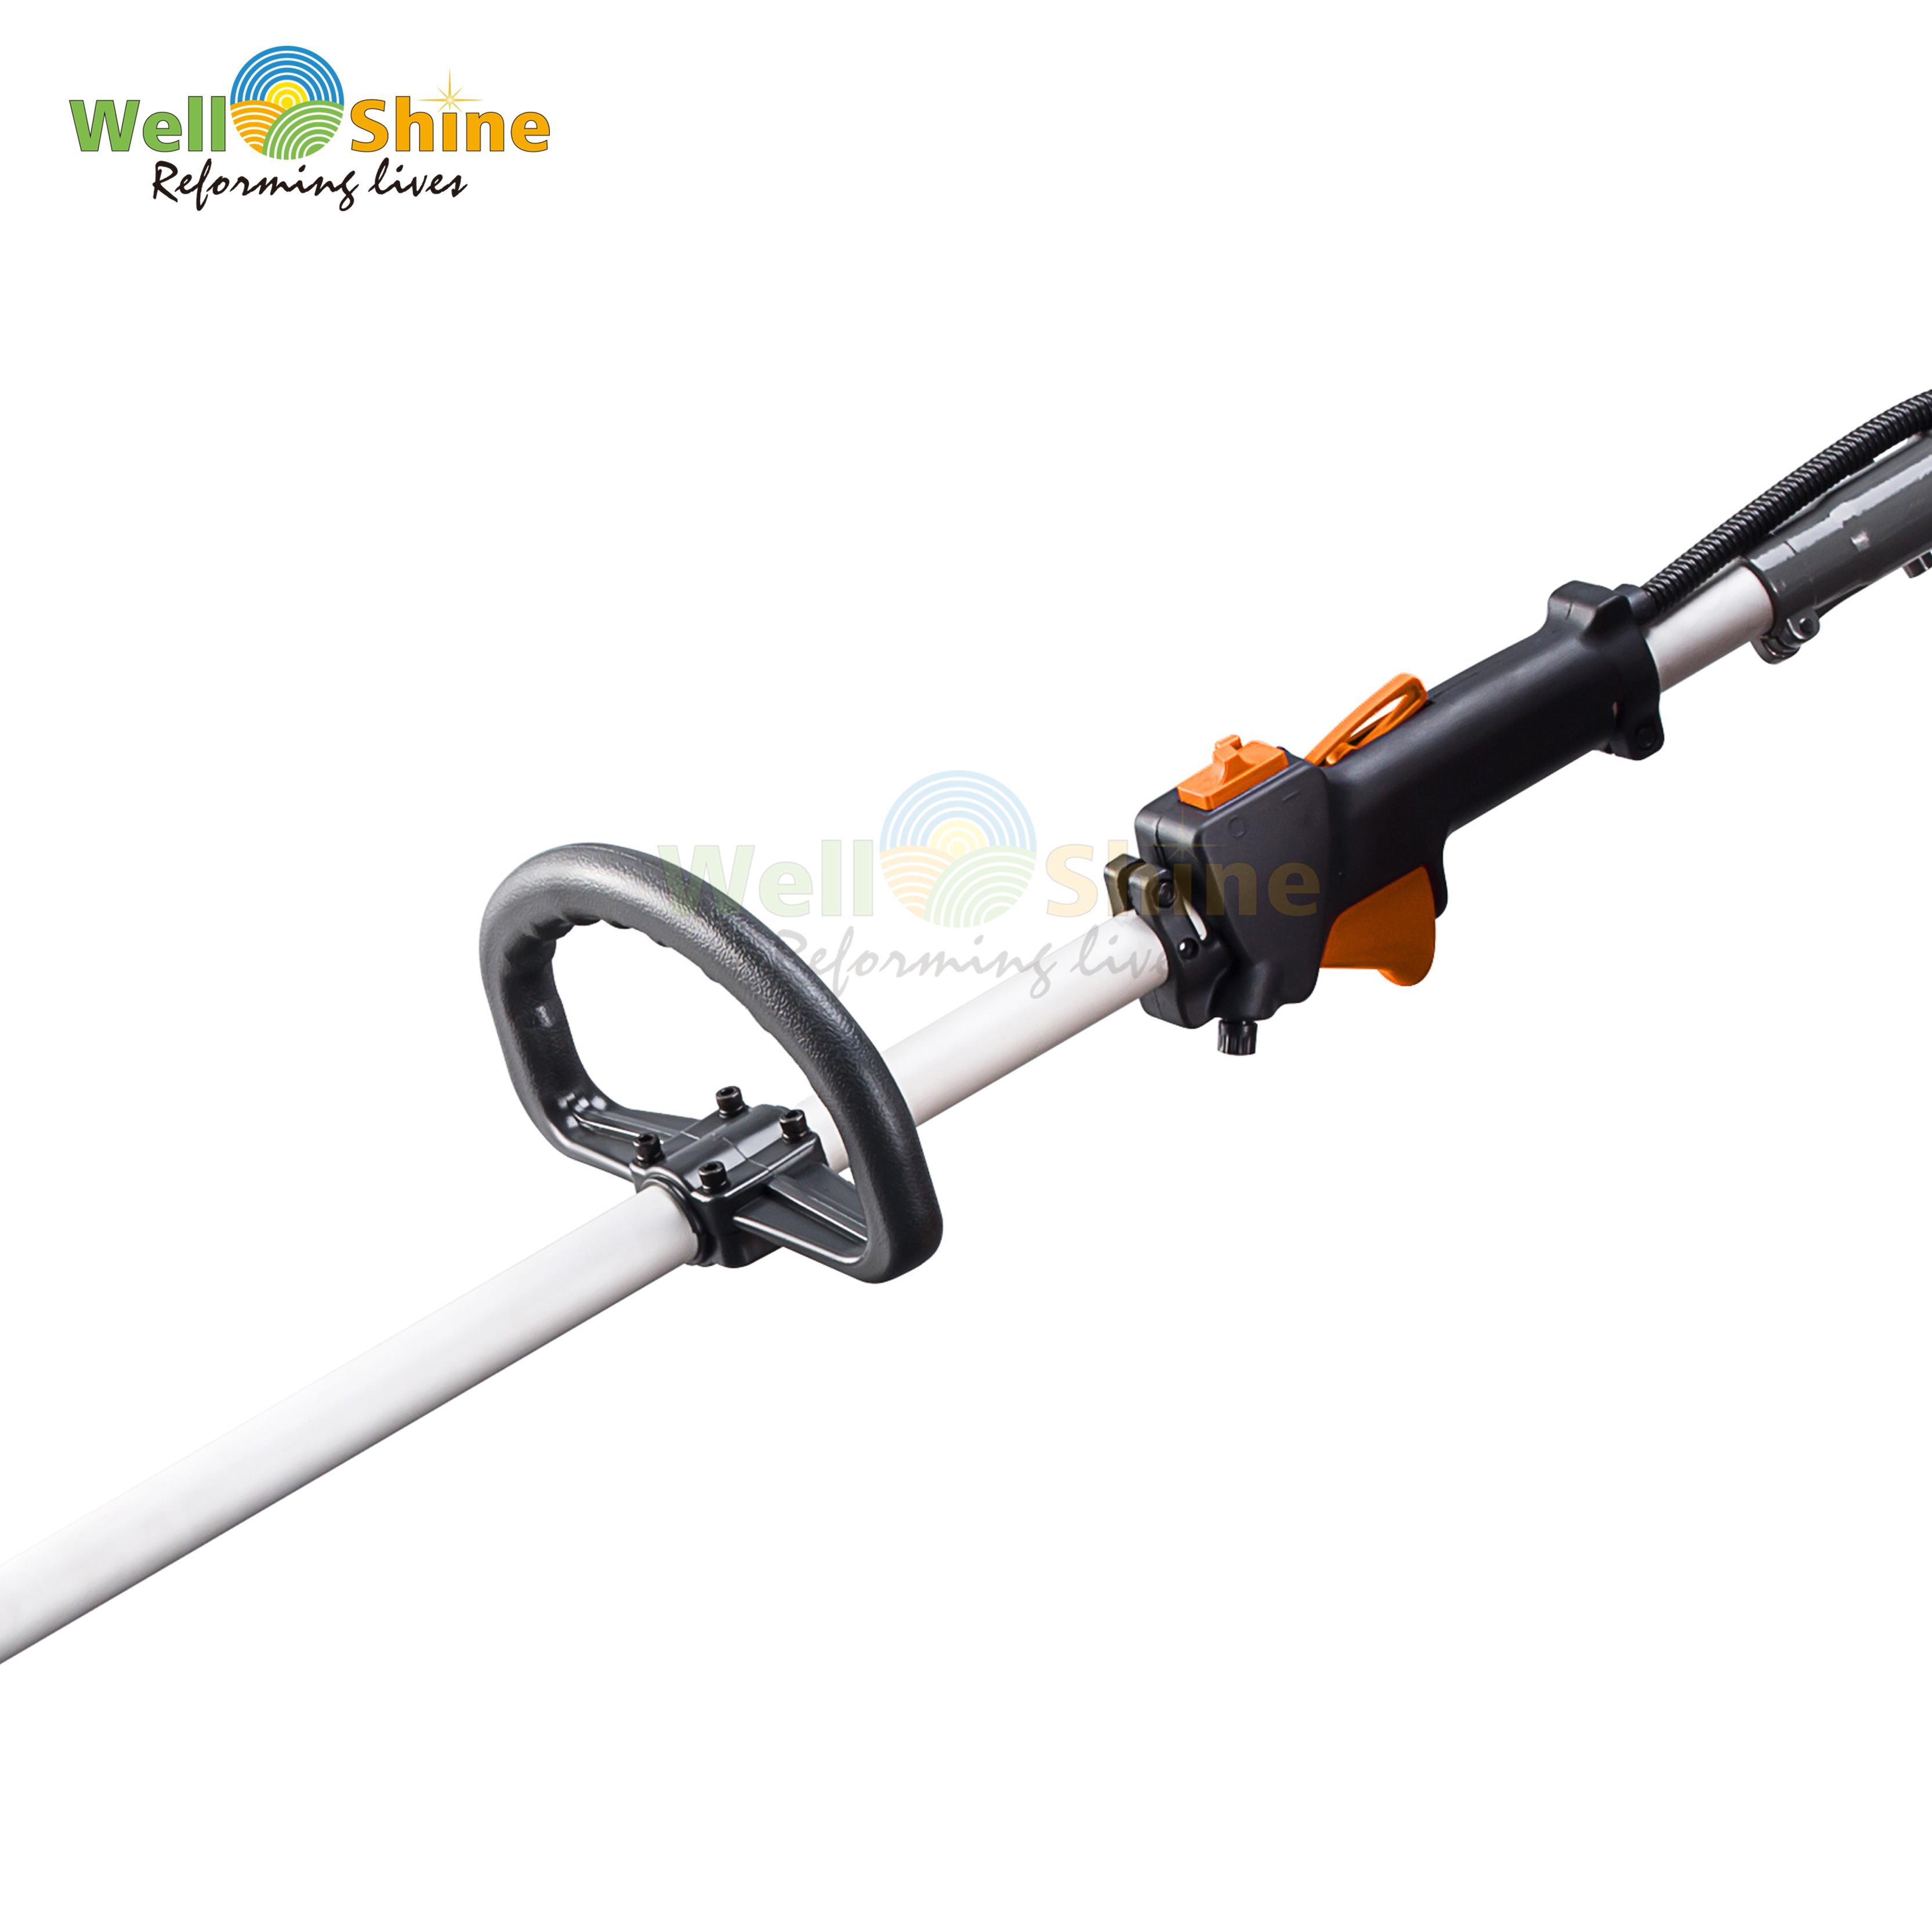 BG430 Brush Cutter